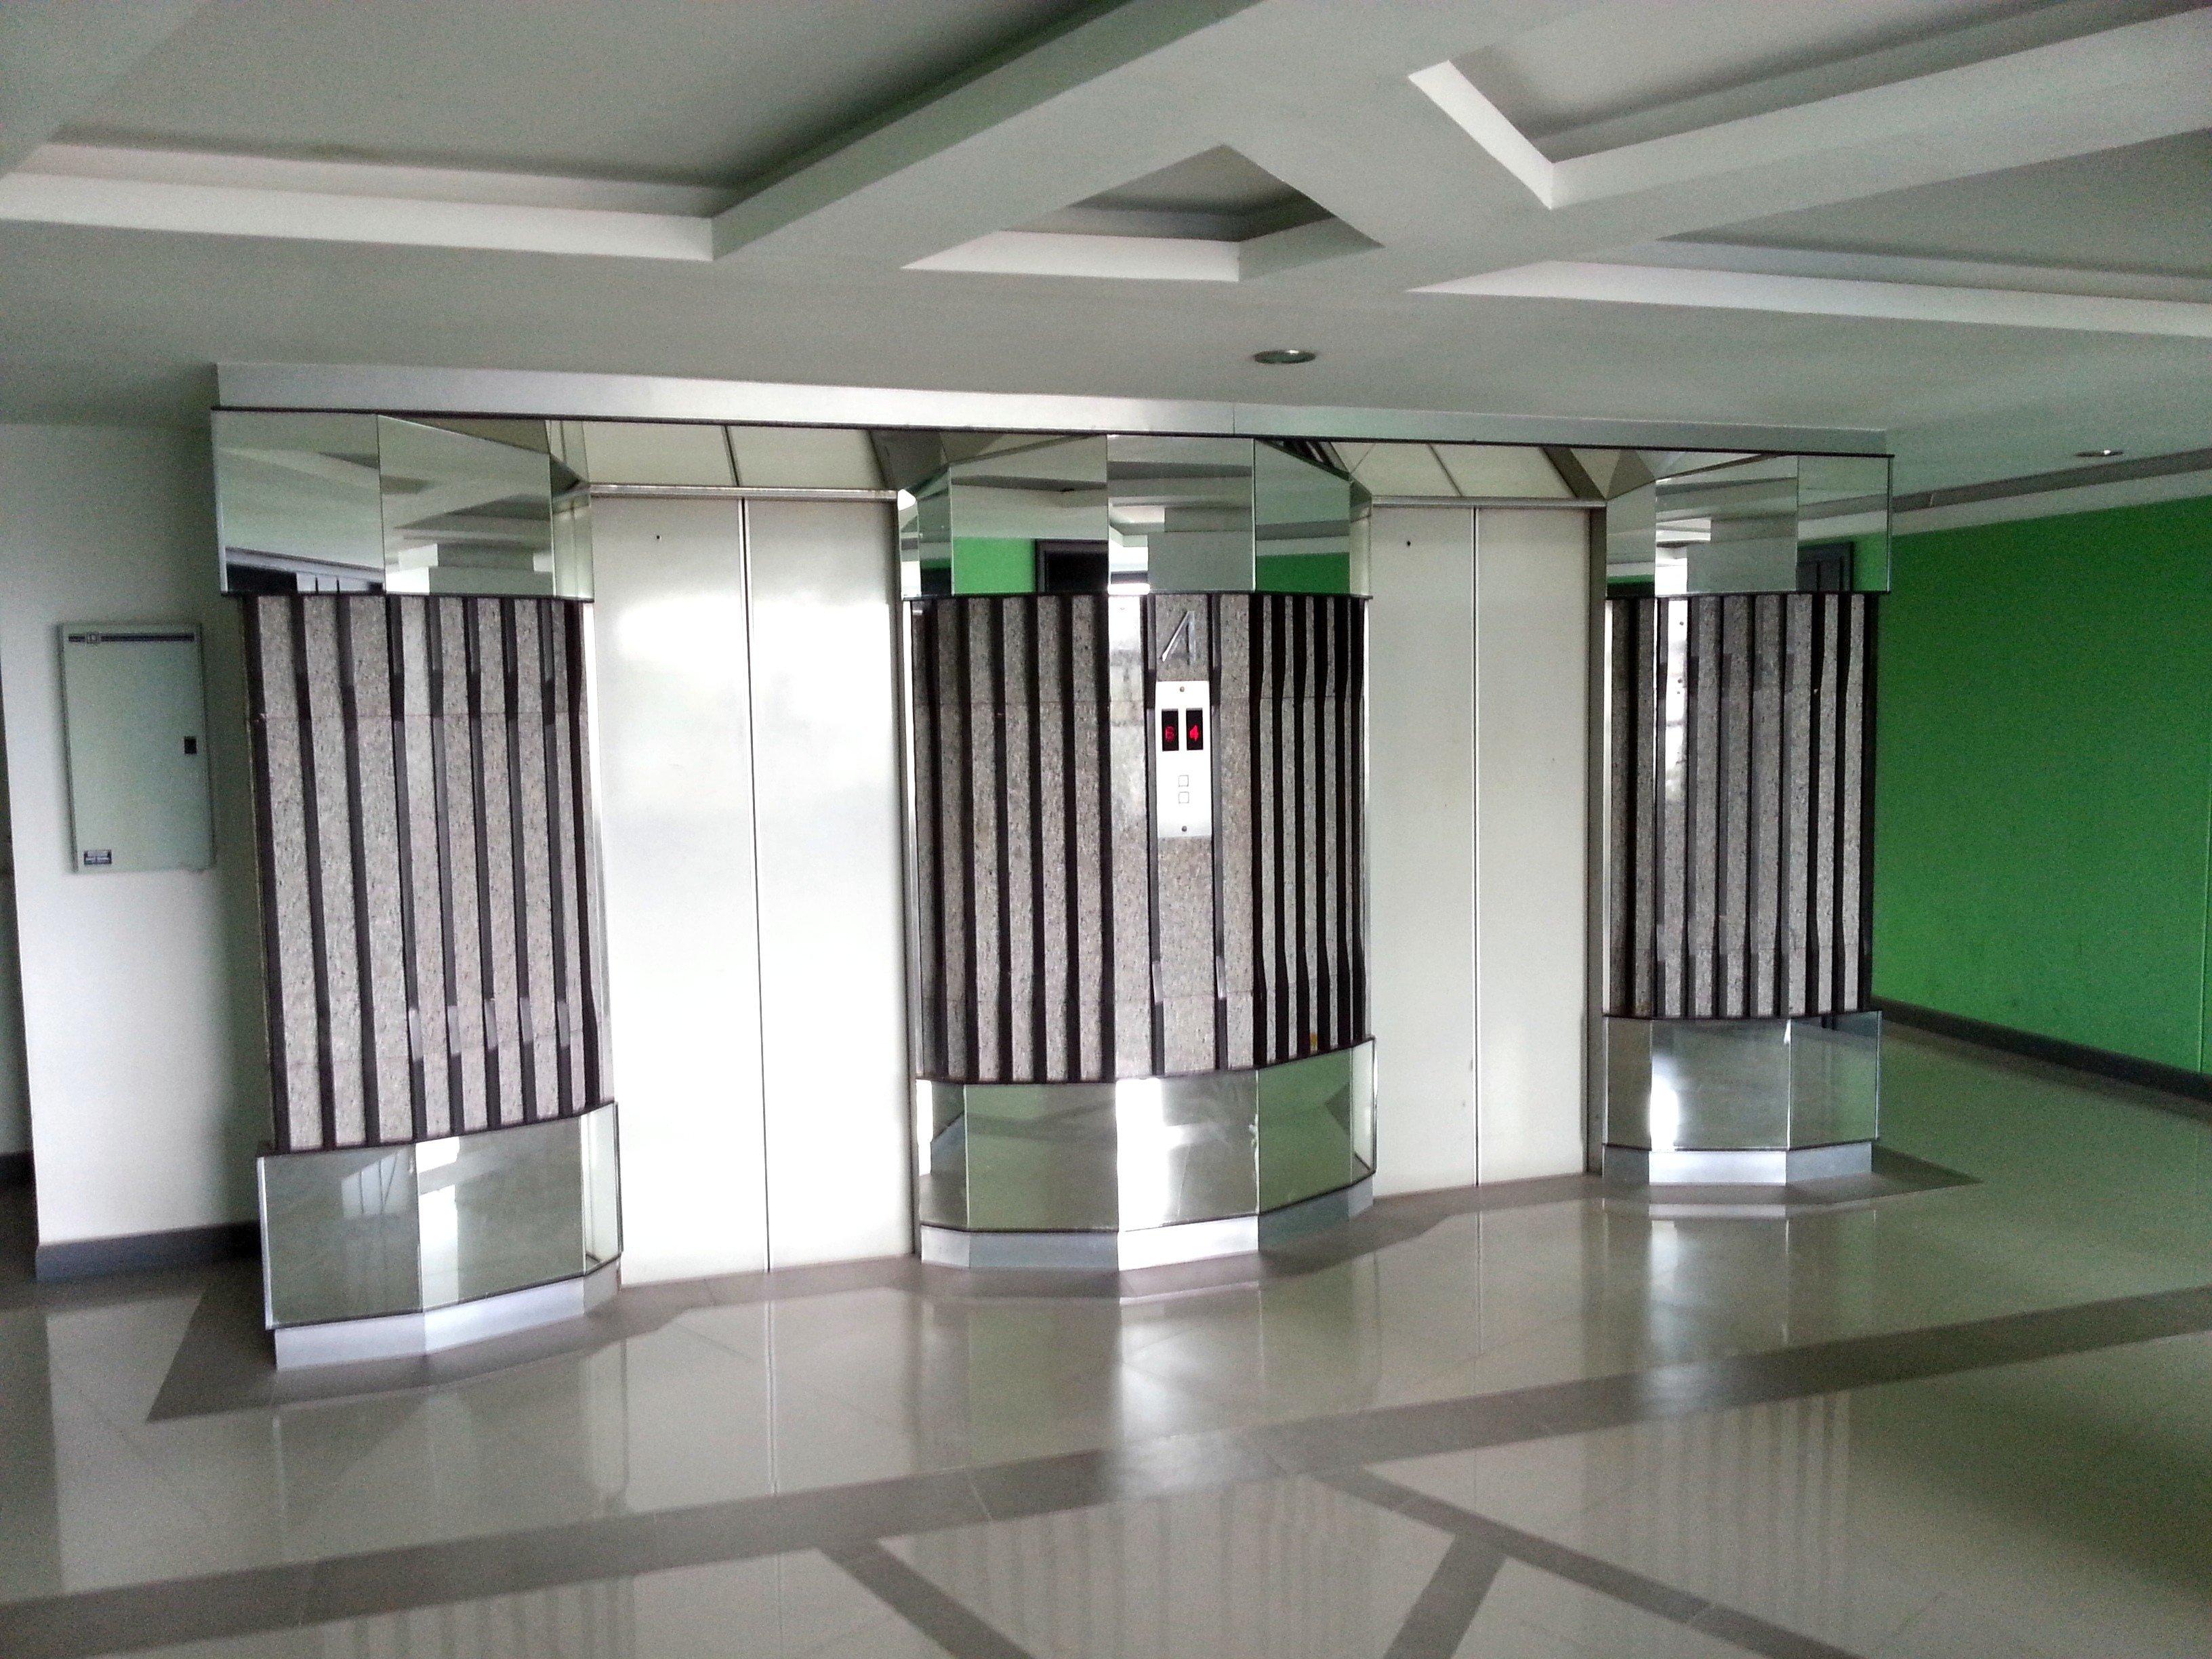 Lifts at SF Biz Hotel